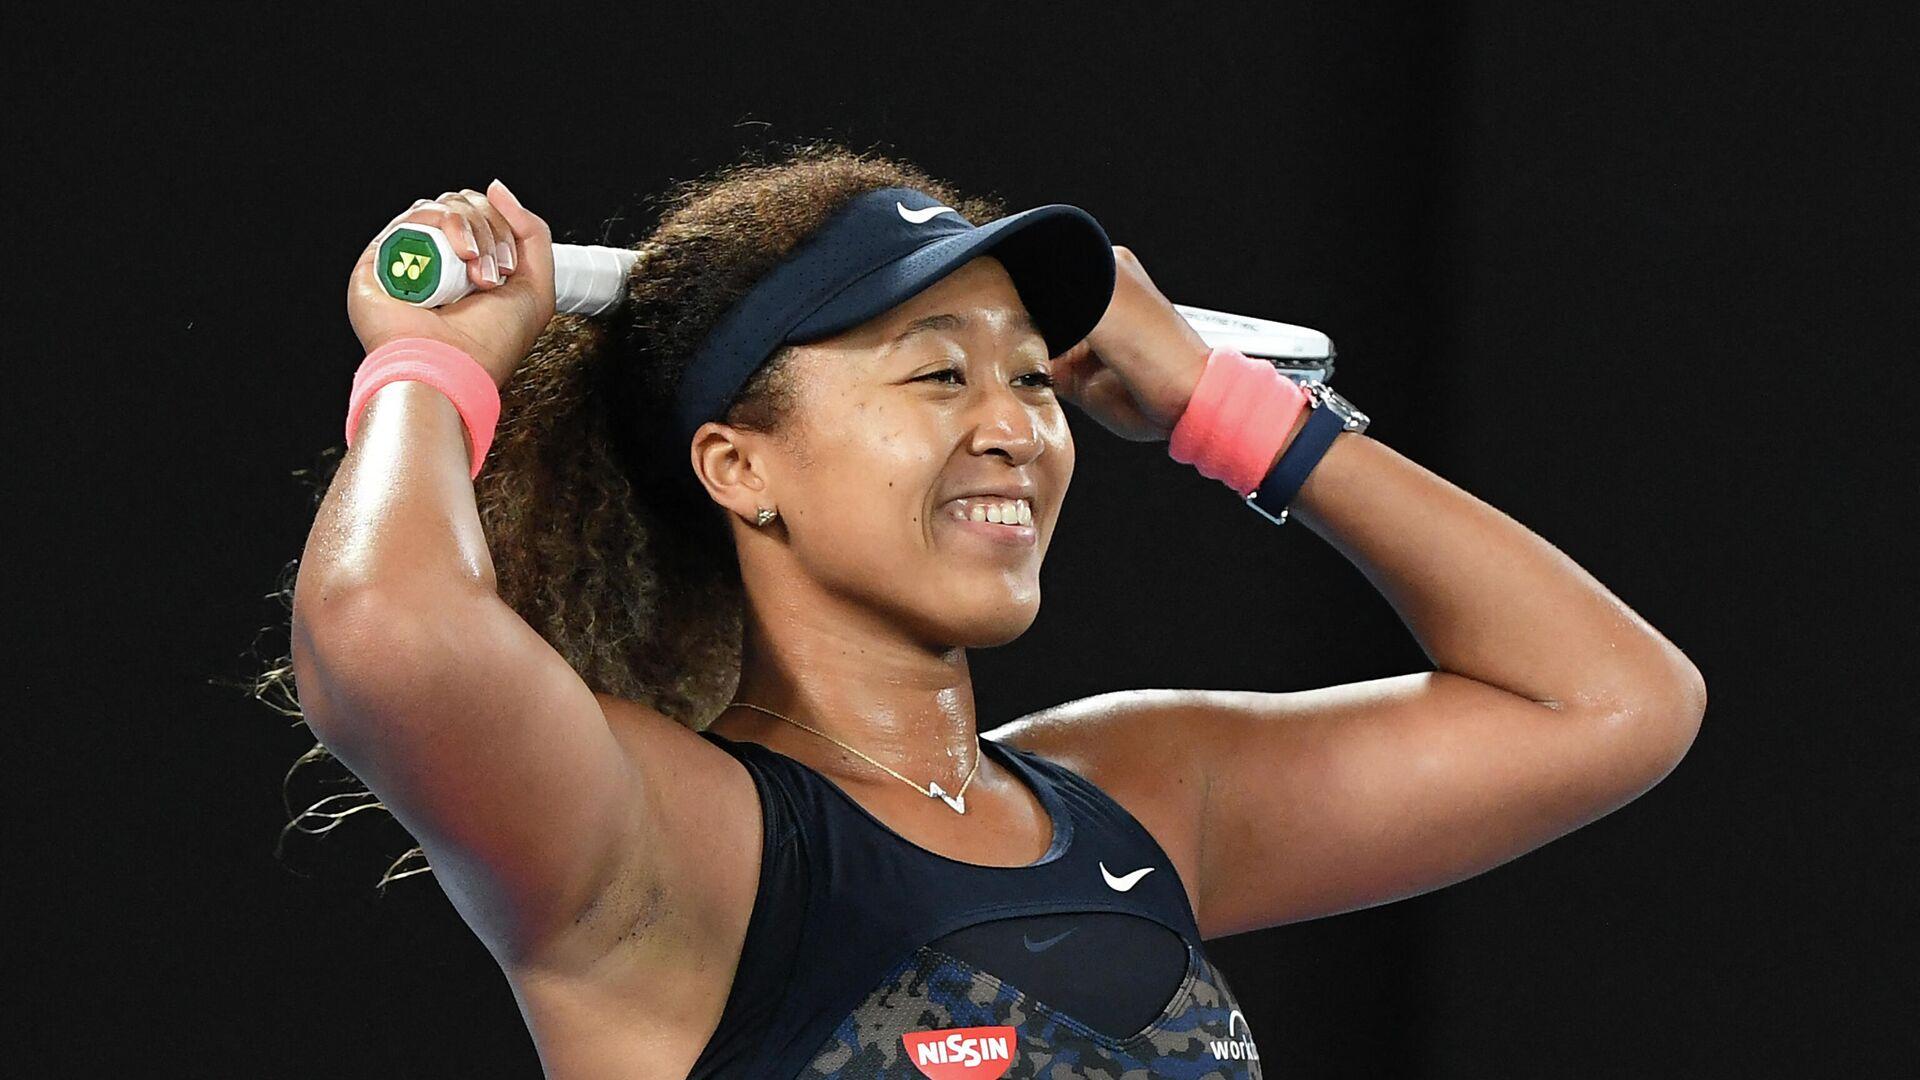 Наоми Осака празднует победу на Открытом чемпионате Австралии по теннису. - РИА Новости, 1920, 20.02.2021